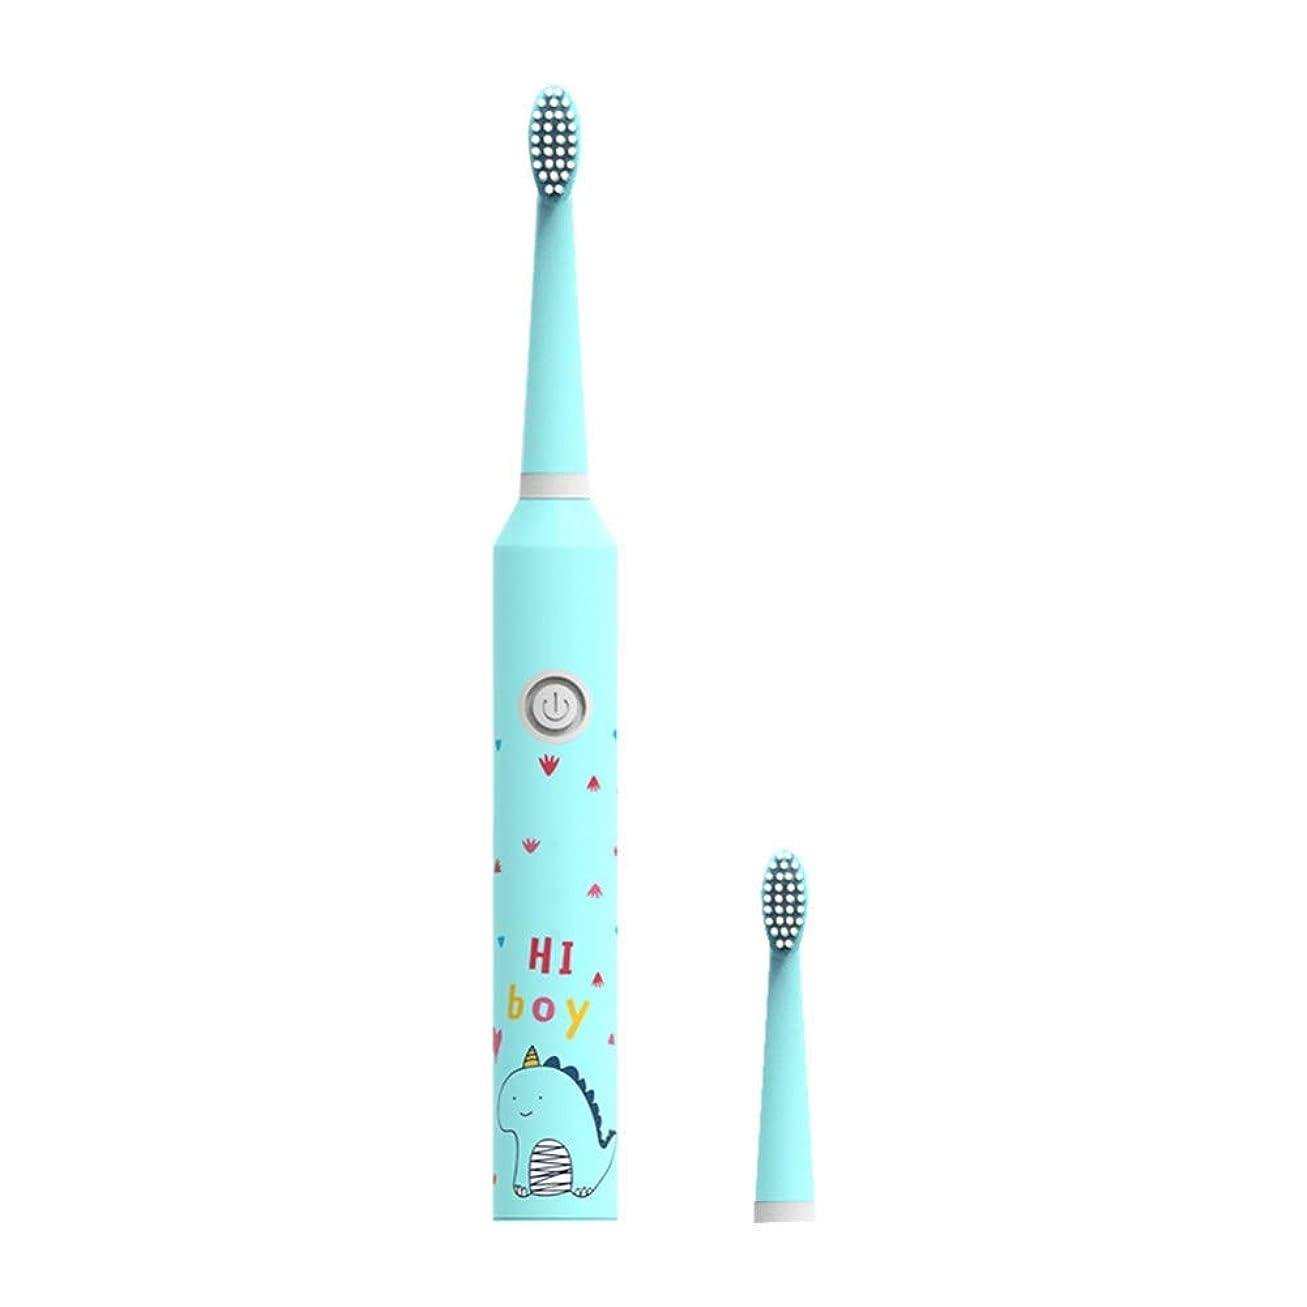 ジョージバーナード危険を冒します毒液子供の電動歯、Bのための3つのモード子供の音波の電動歯ブラシの漫画パターン